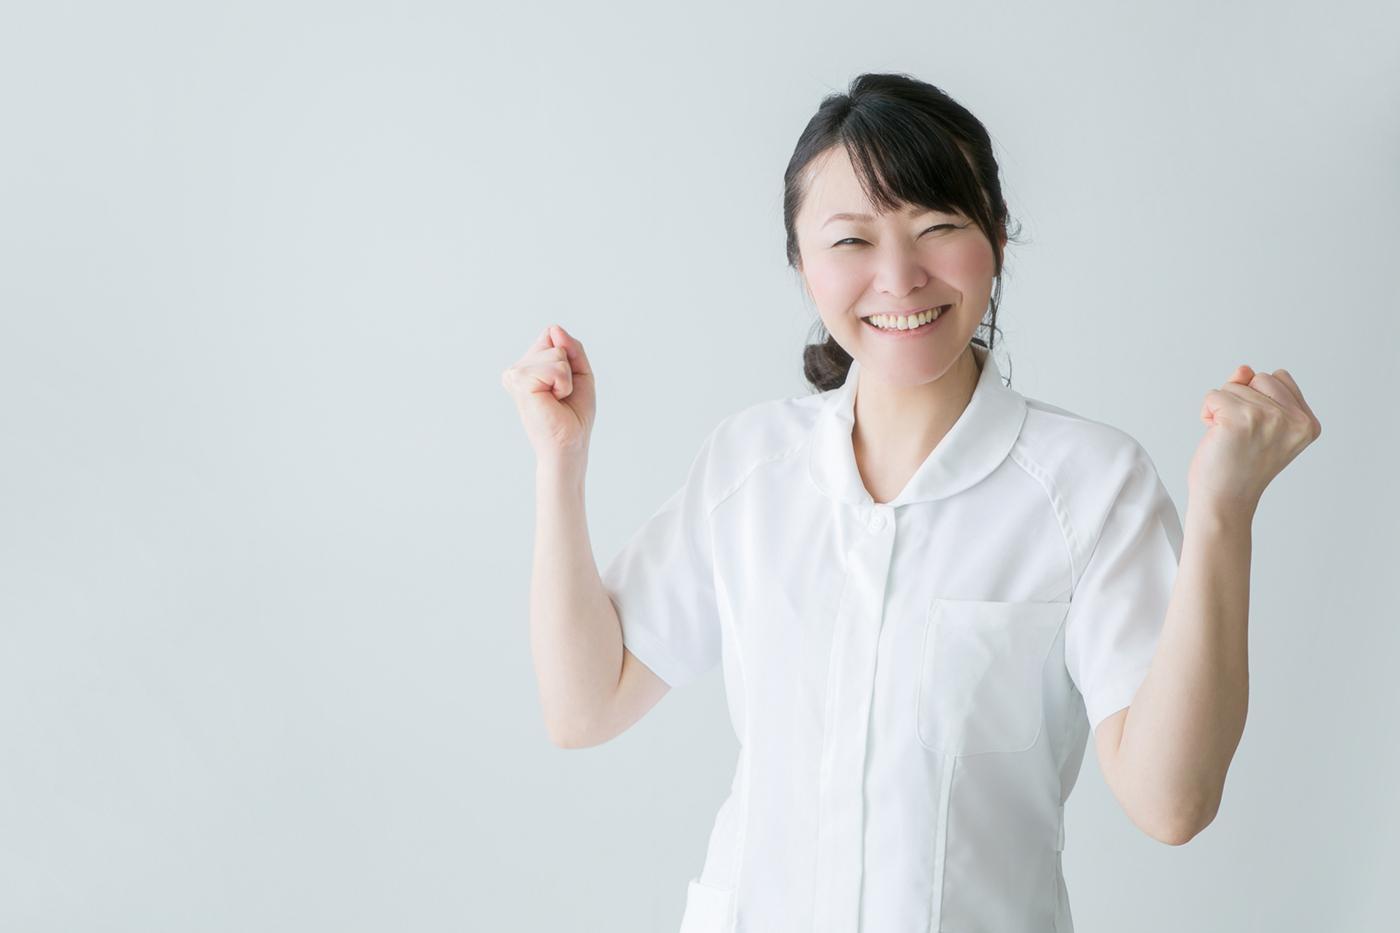 【正看護師】☆増員募集!まずは相談会・見学からでもOK☆ママさん多数活躍中♪